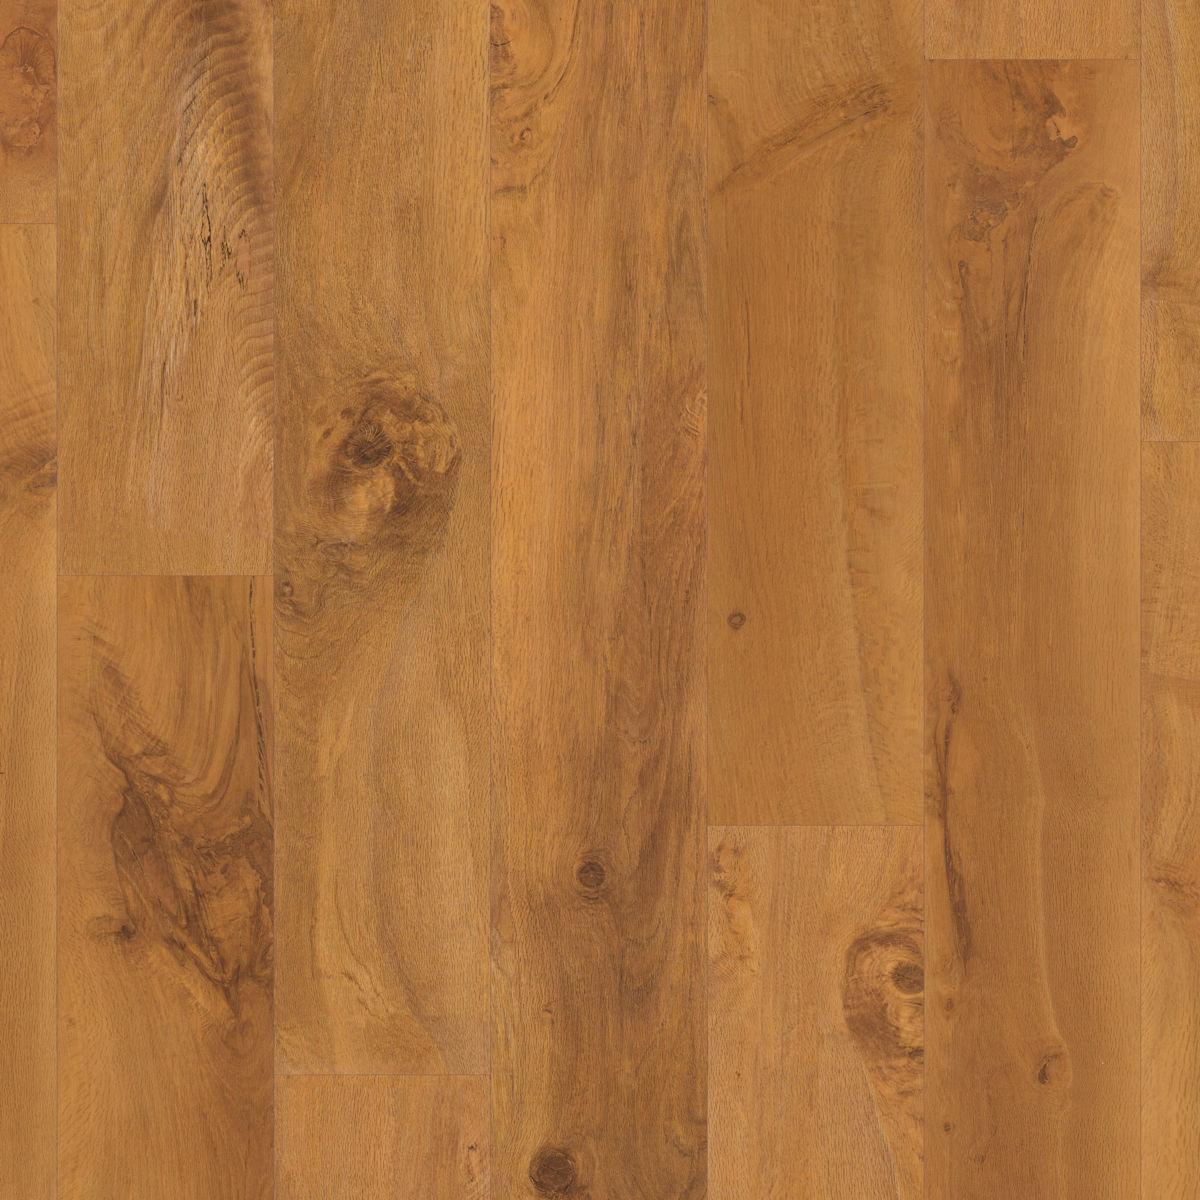 53 Best Images About Karndean Flooring On Pinterest: Karndean Van Gogh Wellington Oak VGW53T Vinyl Flooring